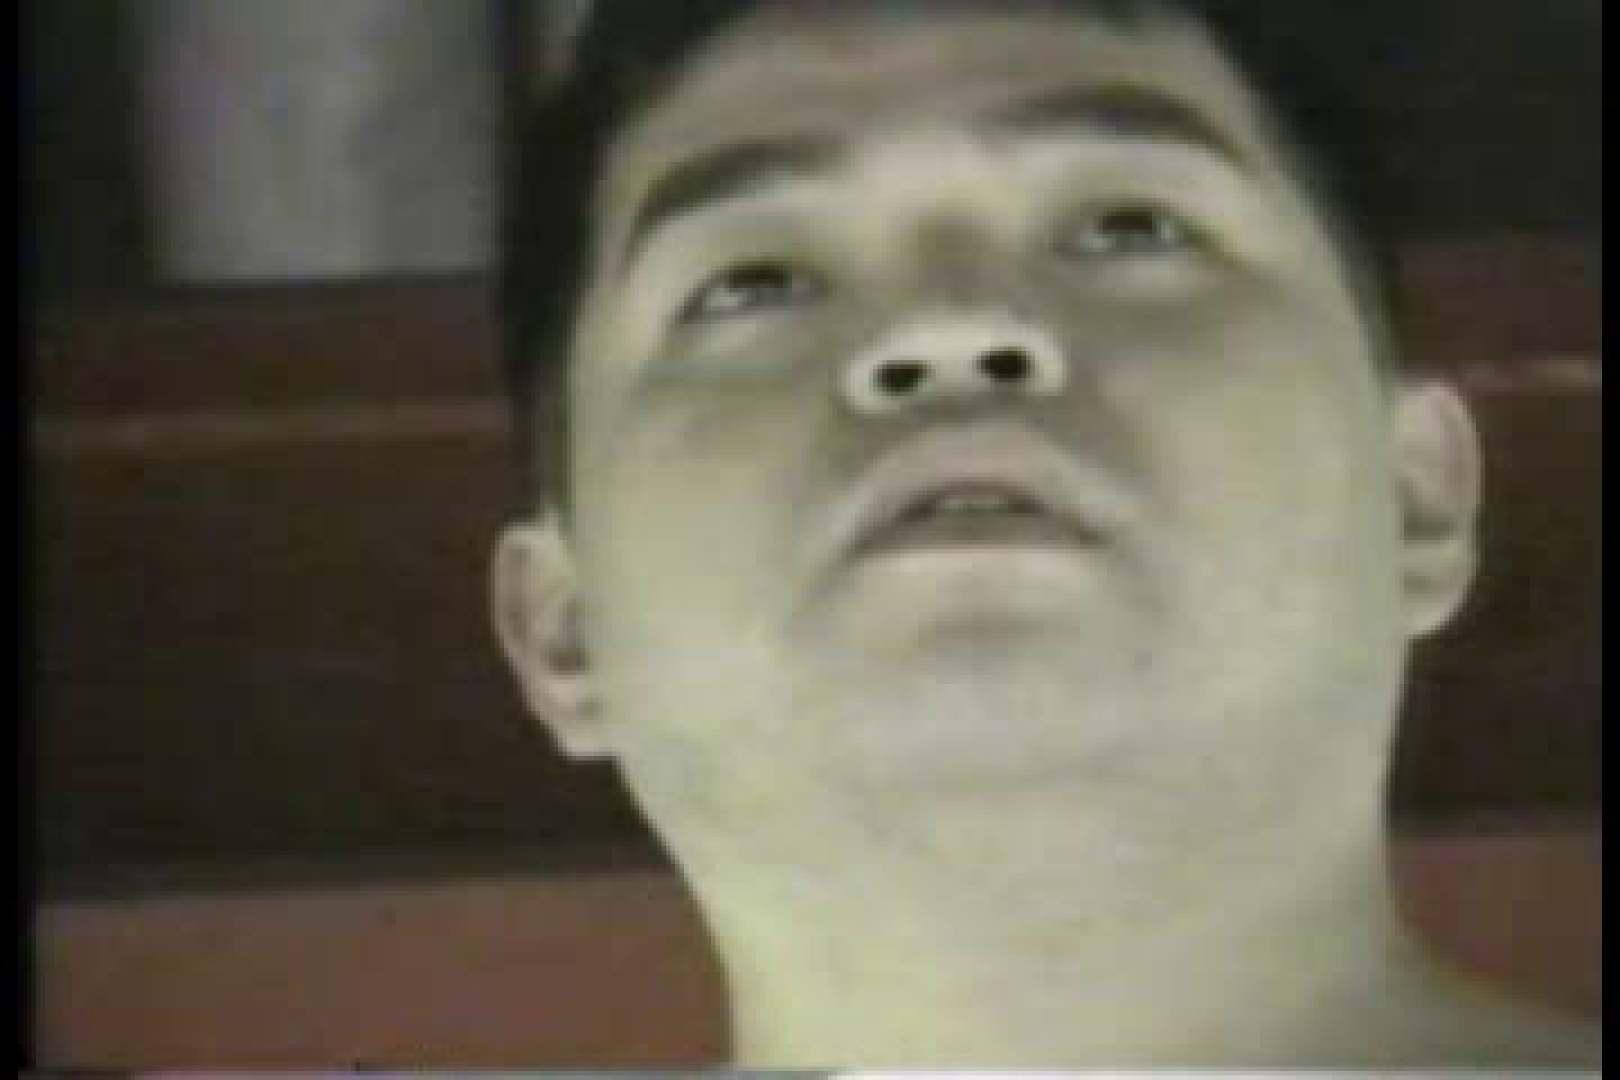 太った男じゃダメですか?13 手コキ ゲイ無修正動画画像 12画像 5